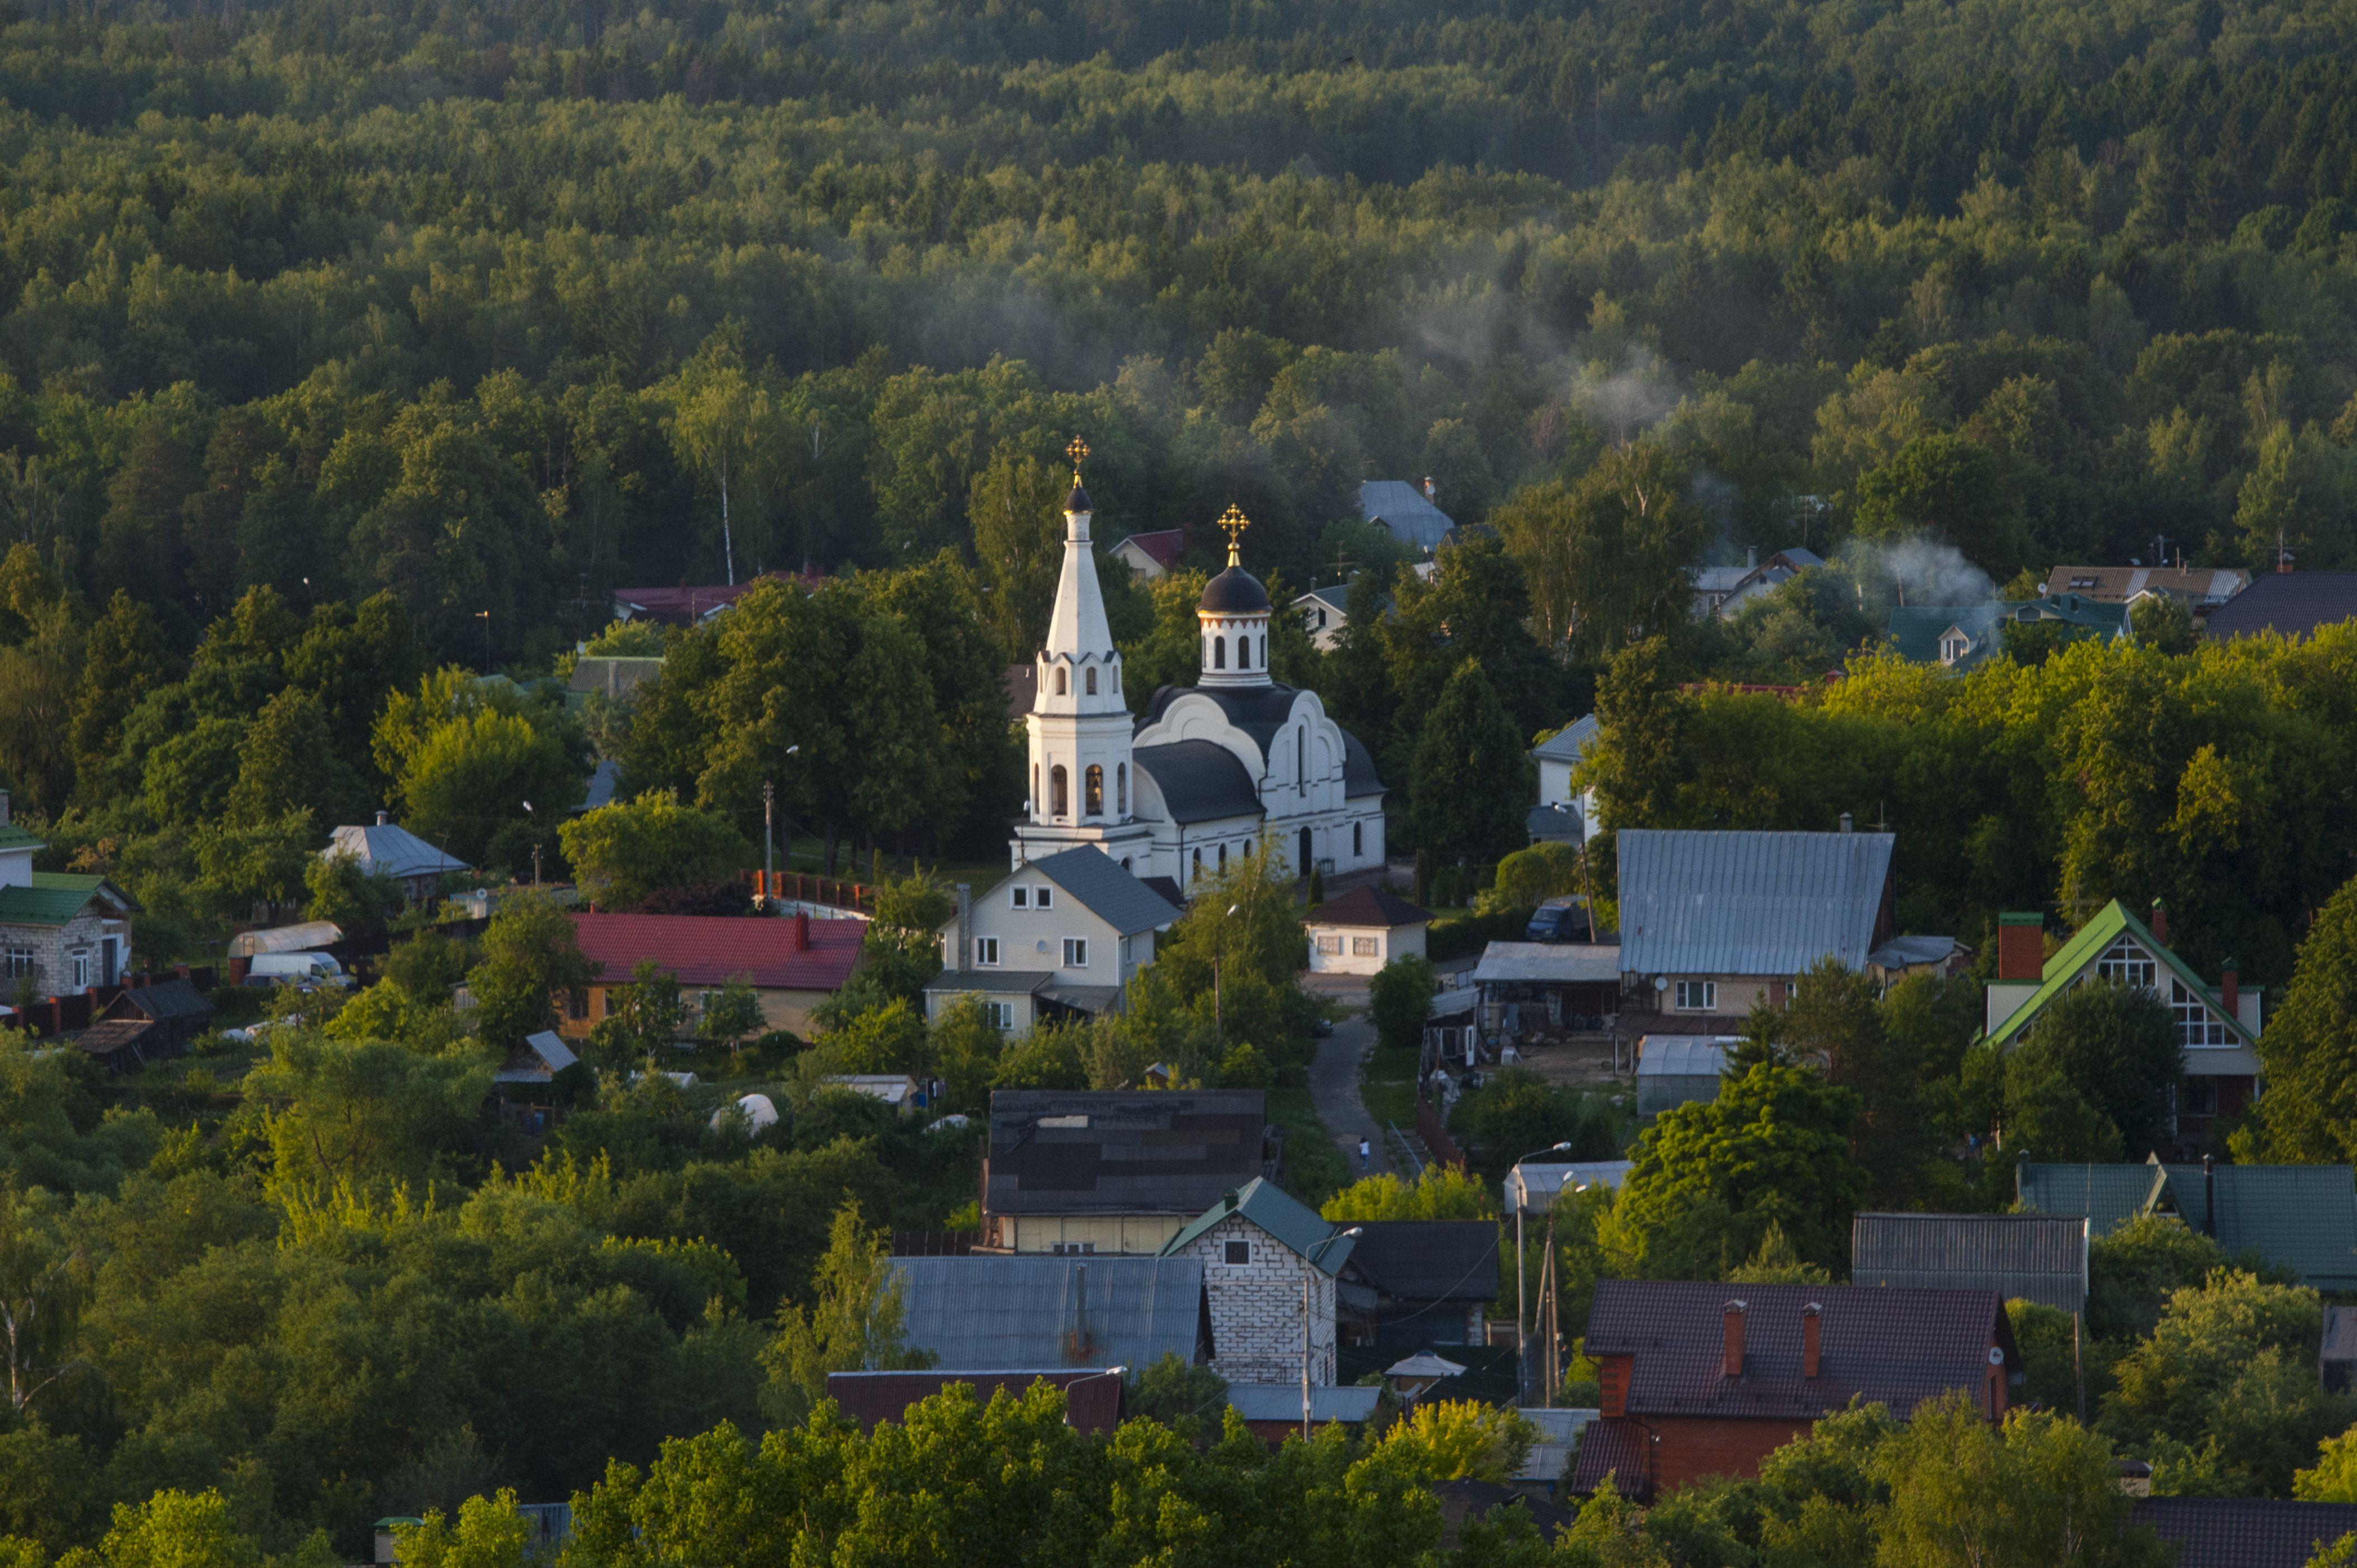 Кресты на куполах нуждаются в обновлении. Фото: Александр Кожохин, «Вечерняя Москва»